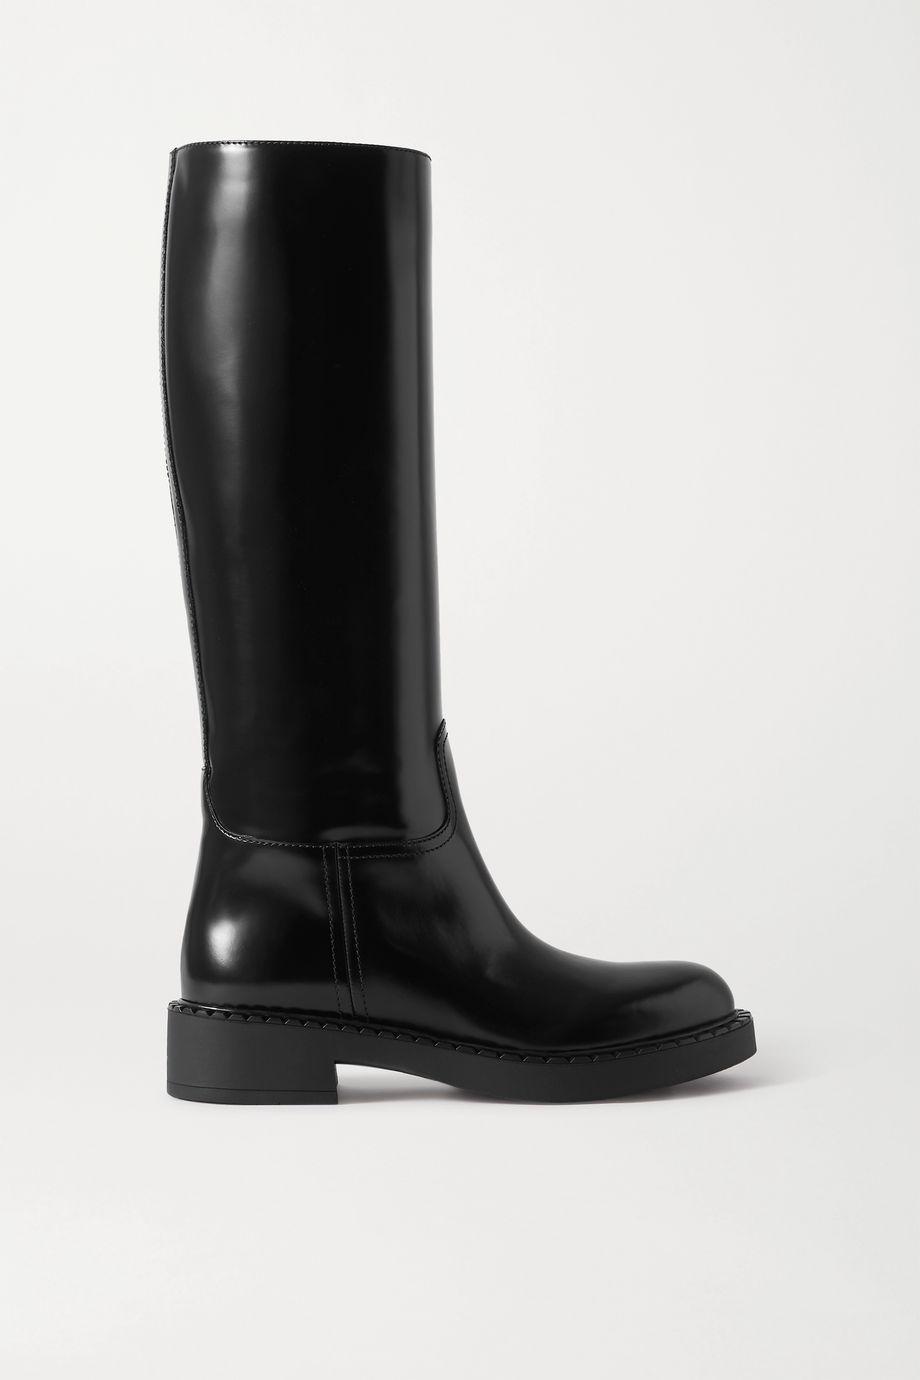 Prada 50 glossed-leather knee boots